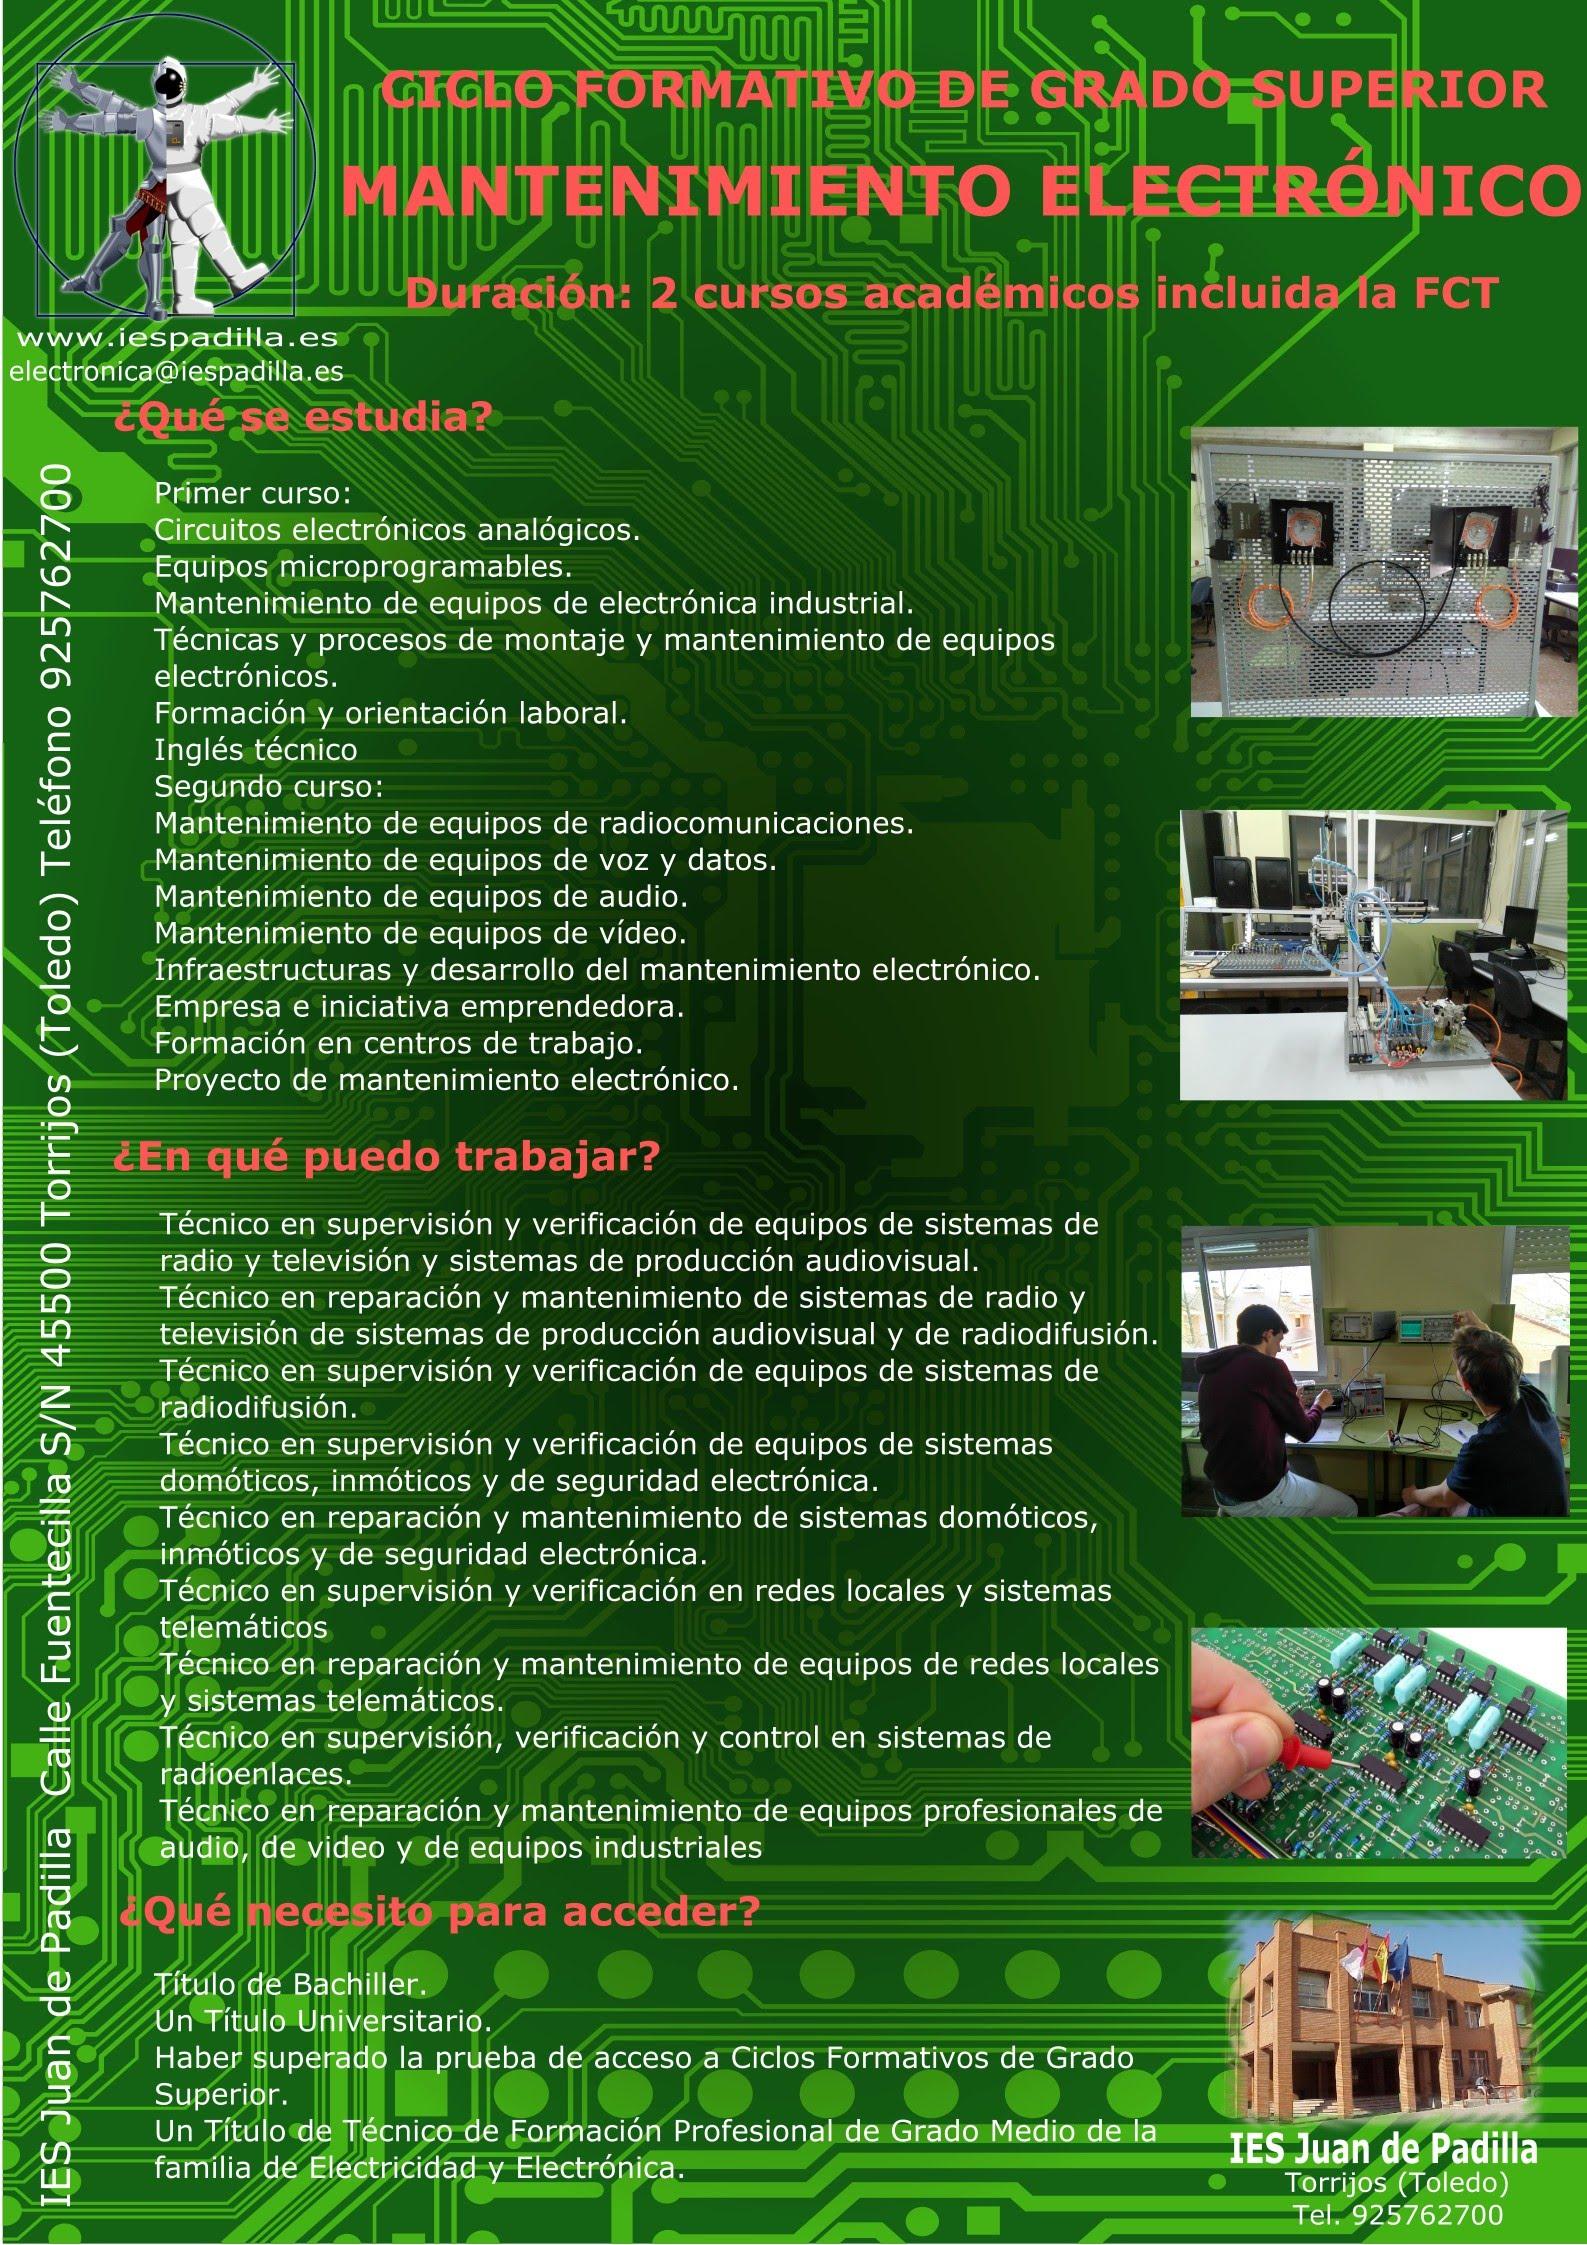 CFGS Mantenimiento Electrónico